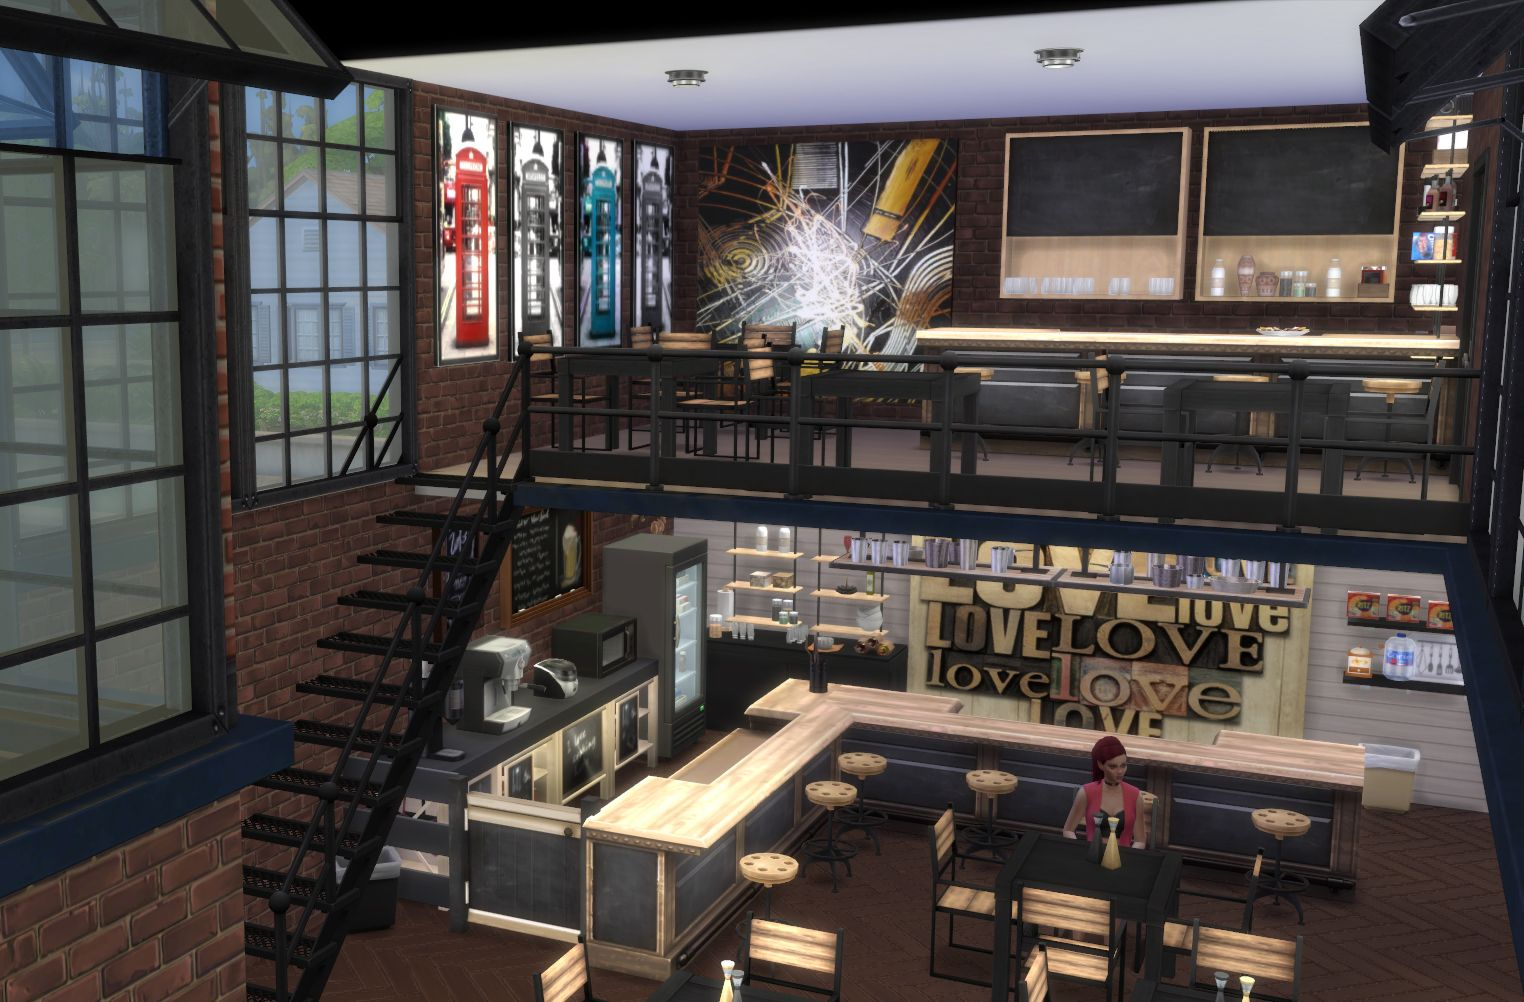 Sims 4 Modern Bar Sims 4 Loft Sims 4 Restaurant Sims